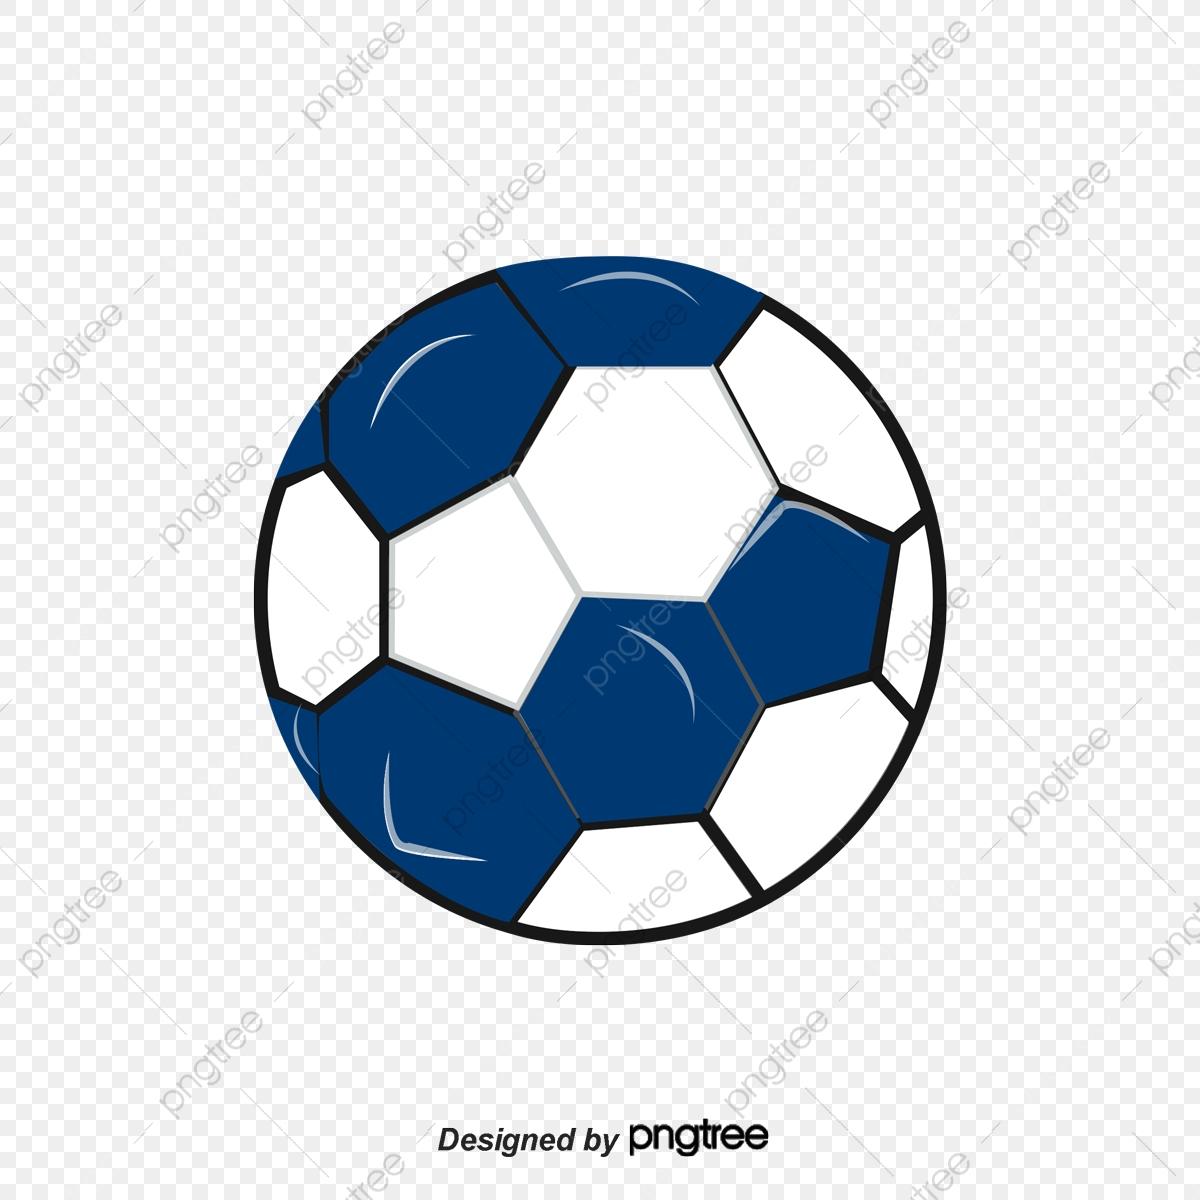 Le Match De Foot Illustration, Jeu, Gardien De But De intérieur Jeux De Foot Gardien De But